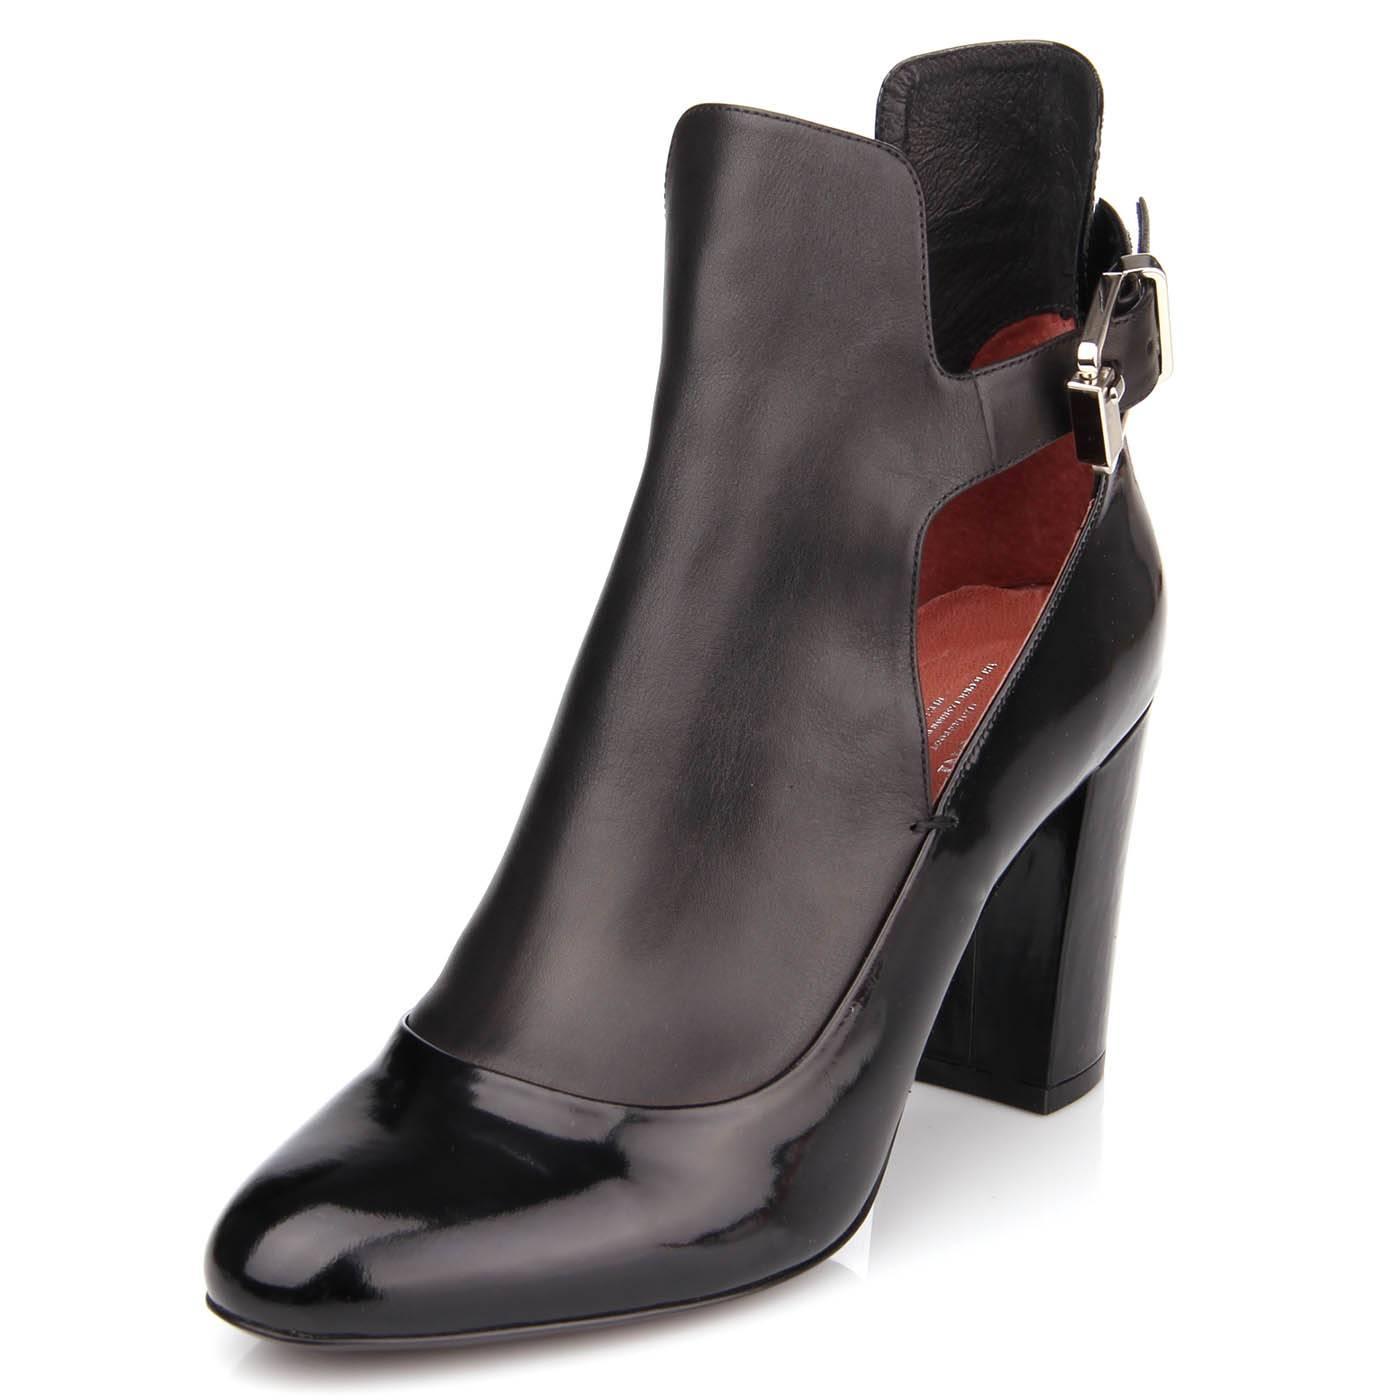 Ботинки женские Basconi 6235 – фото 20ed827c87cac